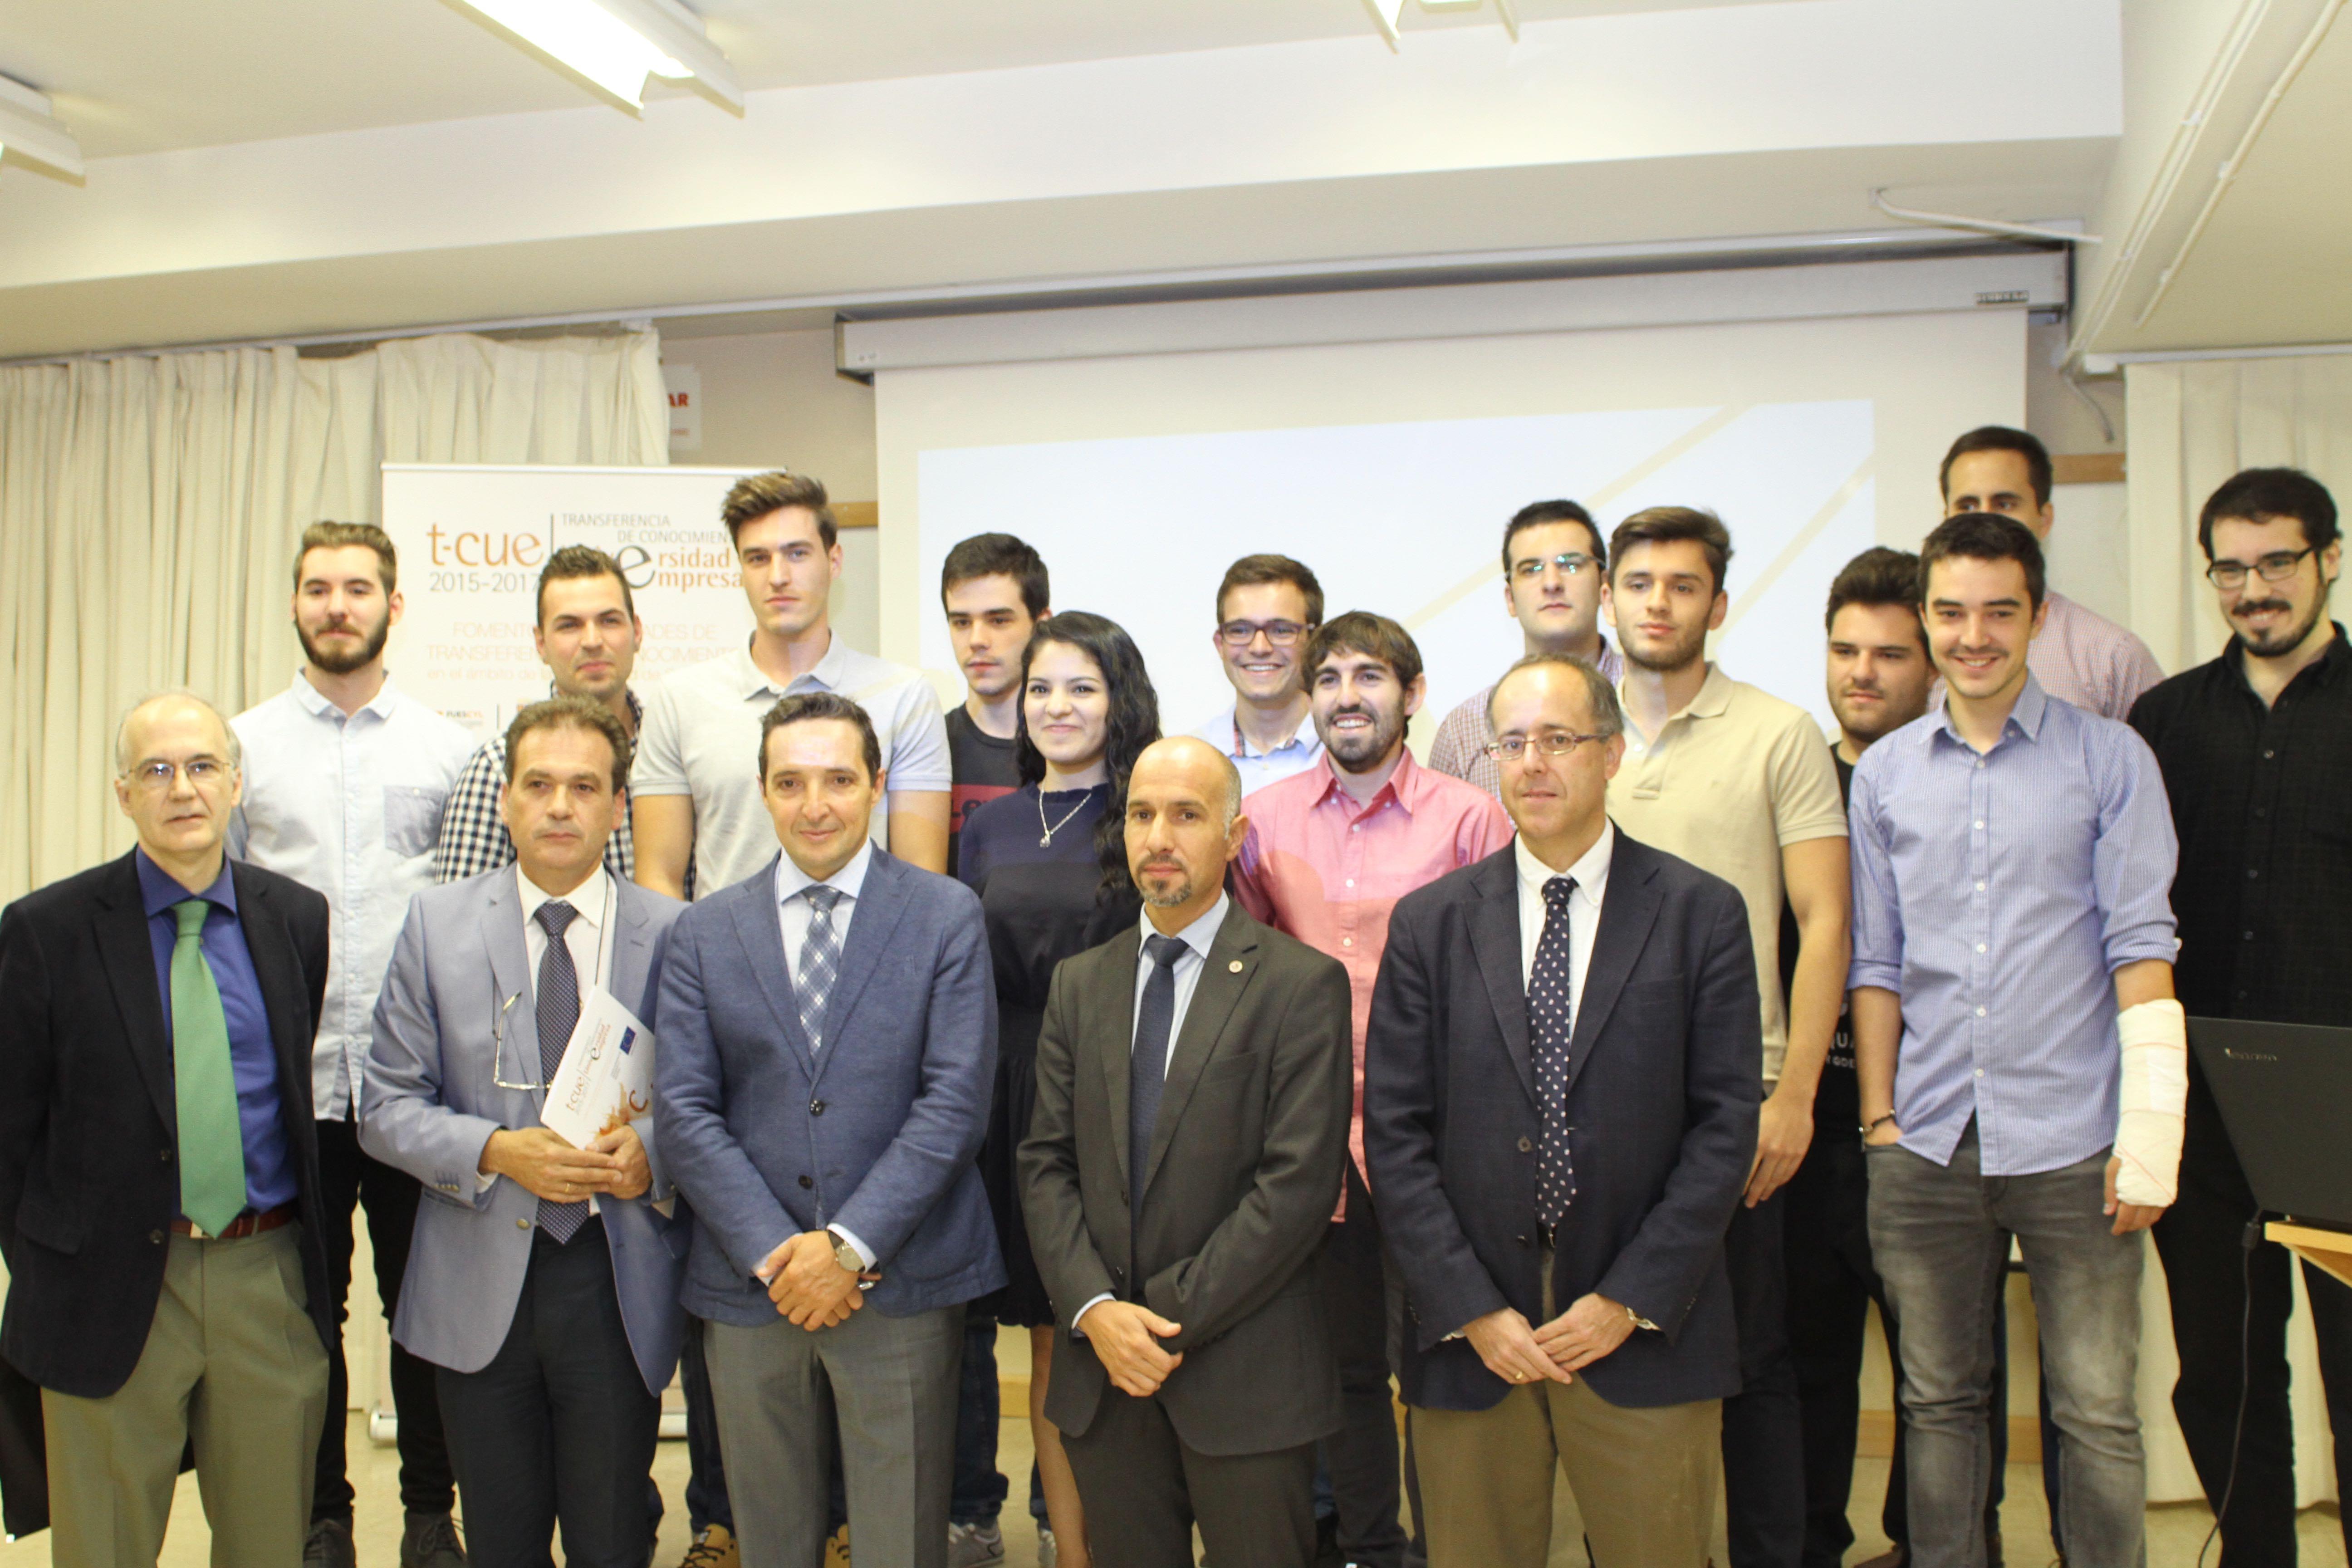 La Usal impulsa la colaboración Universidad-Empresa con su Programa de Prototipos Orientados al Mercado